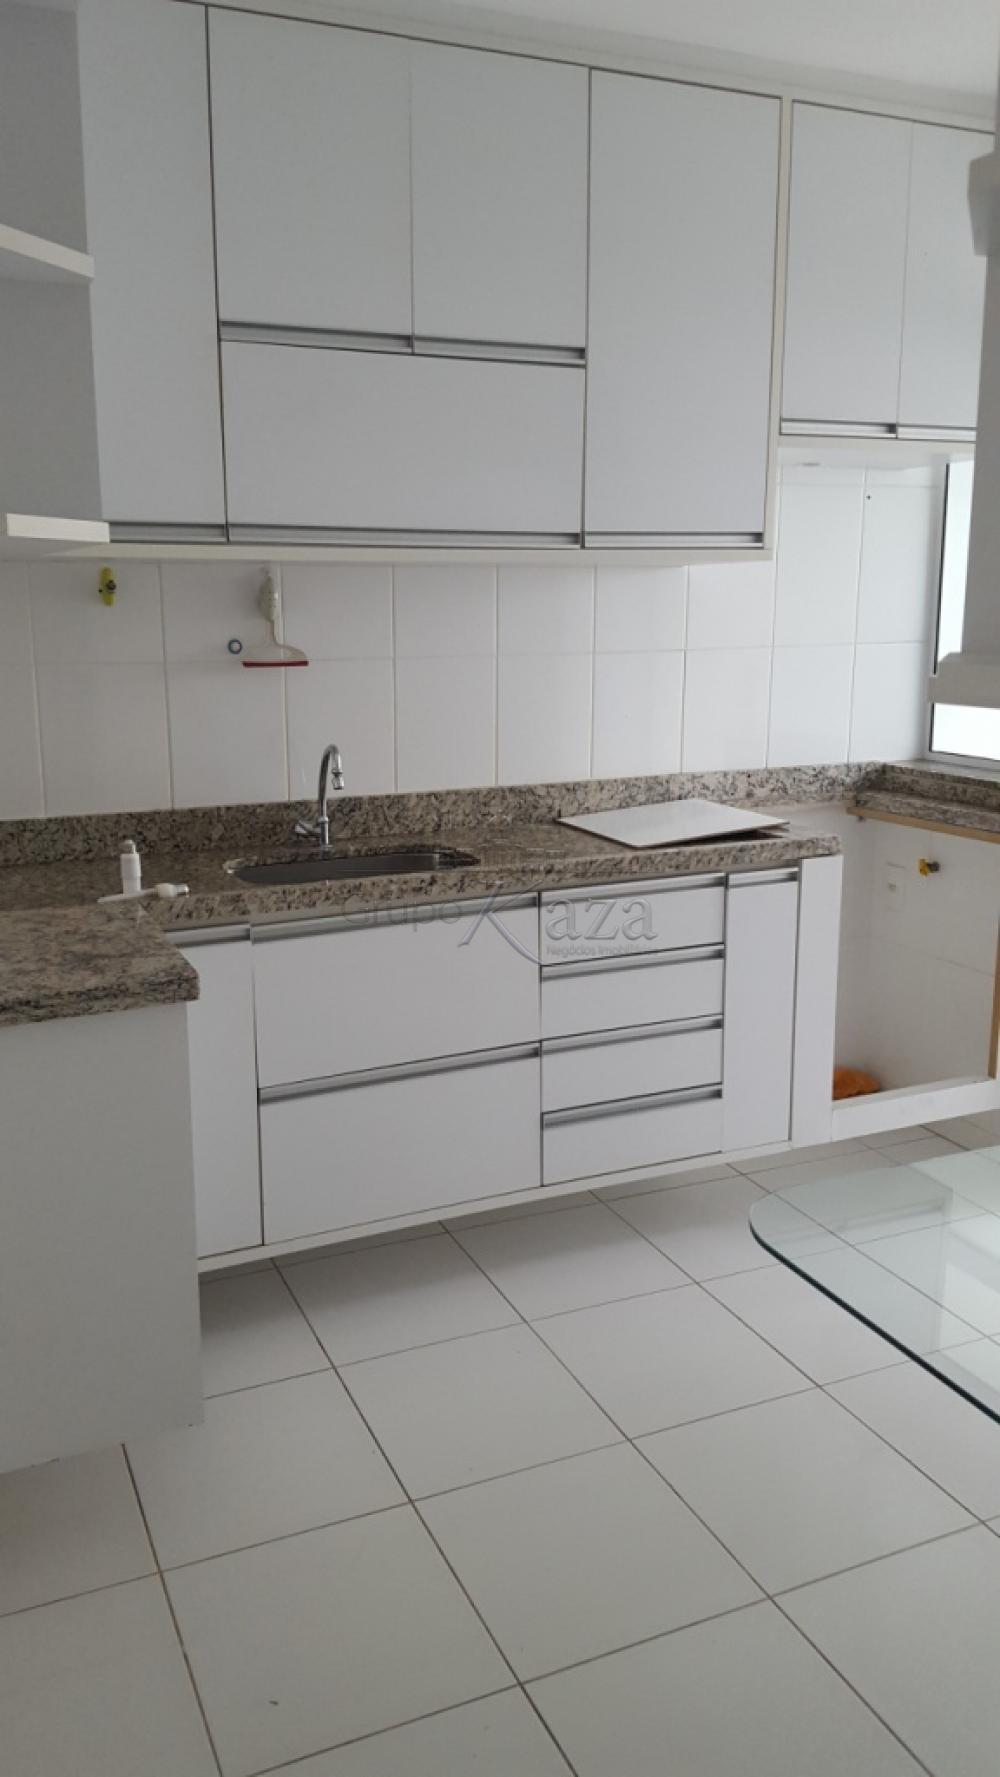 Alugar Apartamento / Padrão em São José dos Campos apenas R$ 2.000,00 - Foto 5